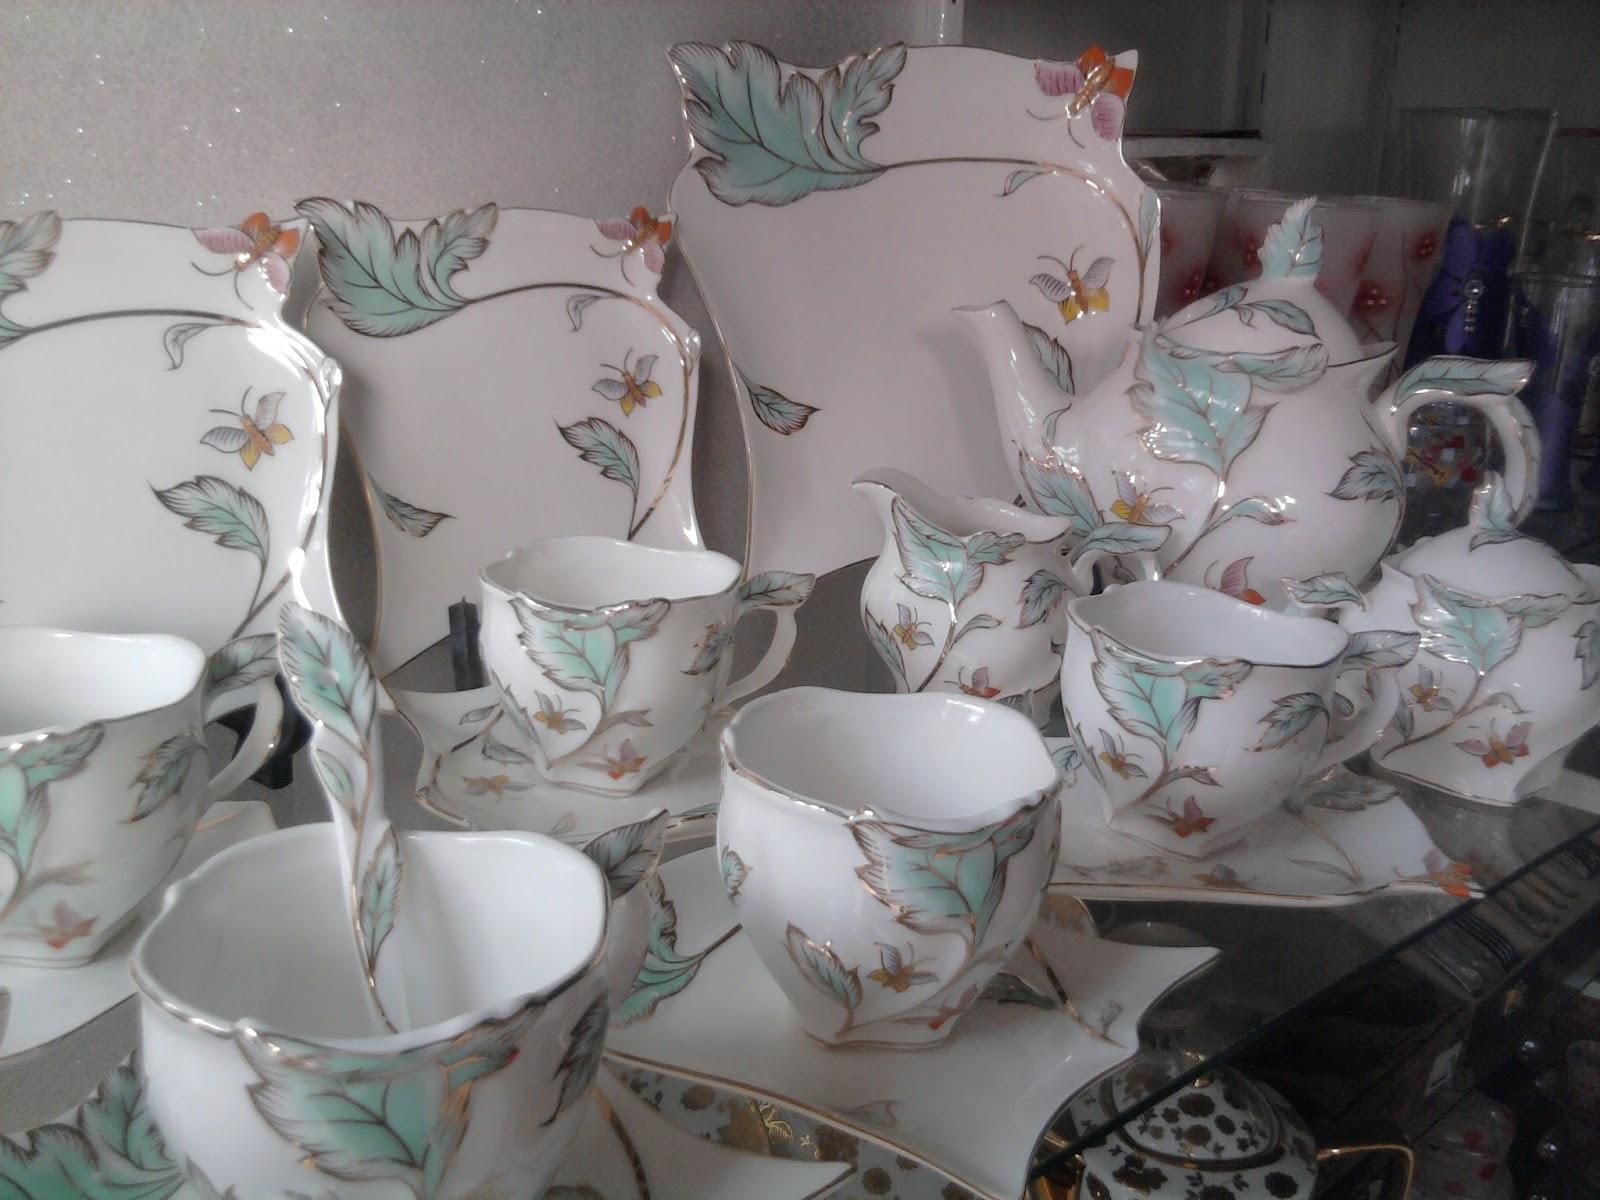 اختارى اجمل اطقم الشاى والجاتوه لكل عروسة بالصور